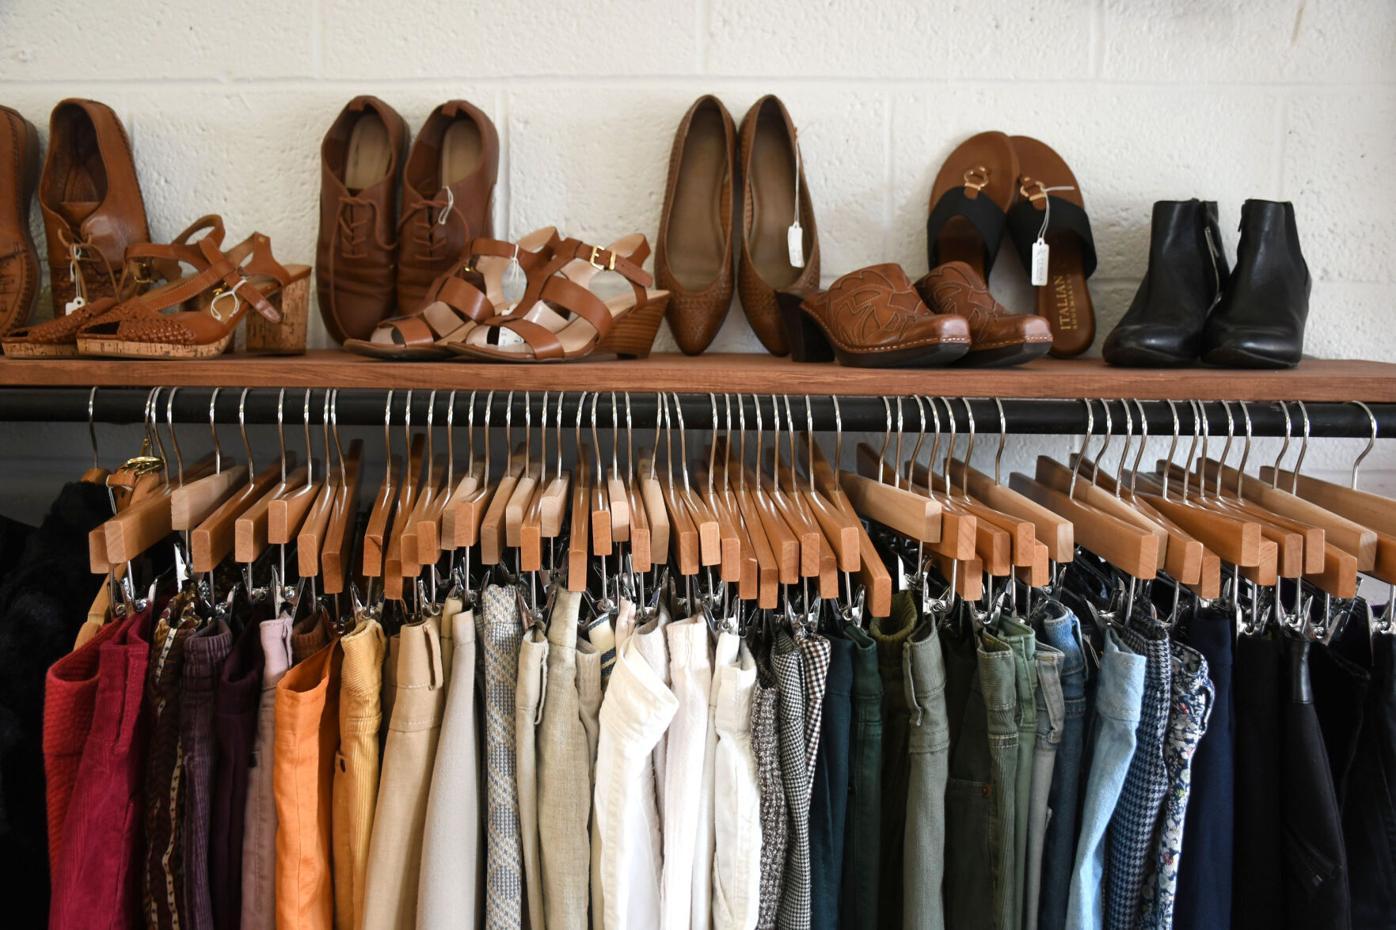 Des chaussures sont posées sur un étalage de vêtements sur des cintres